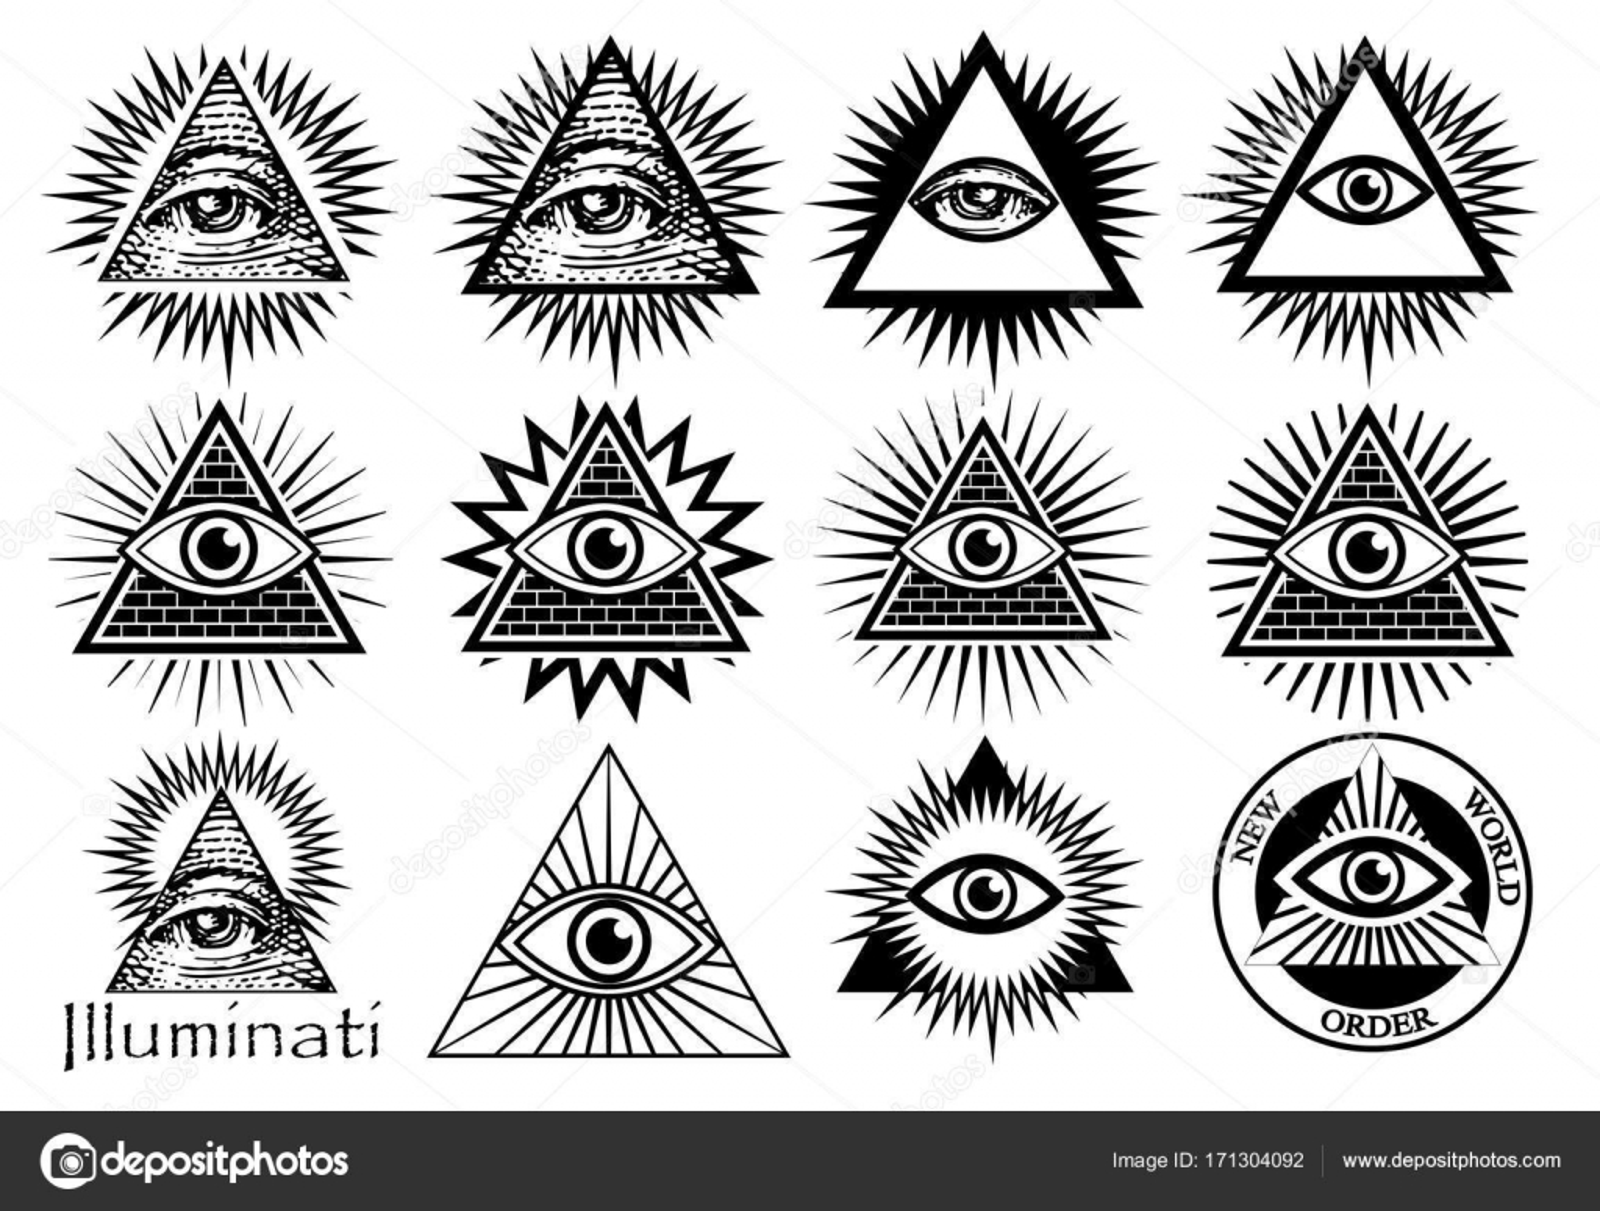 Masonic illuminati